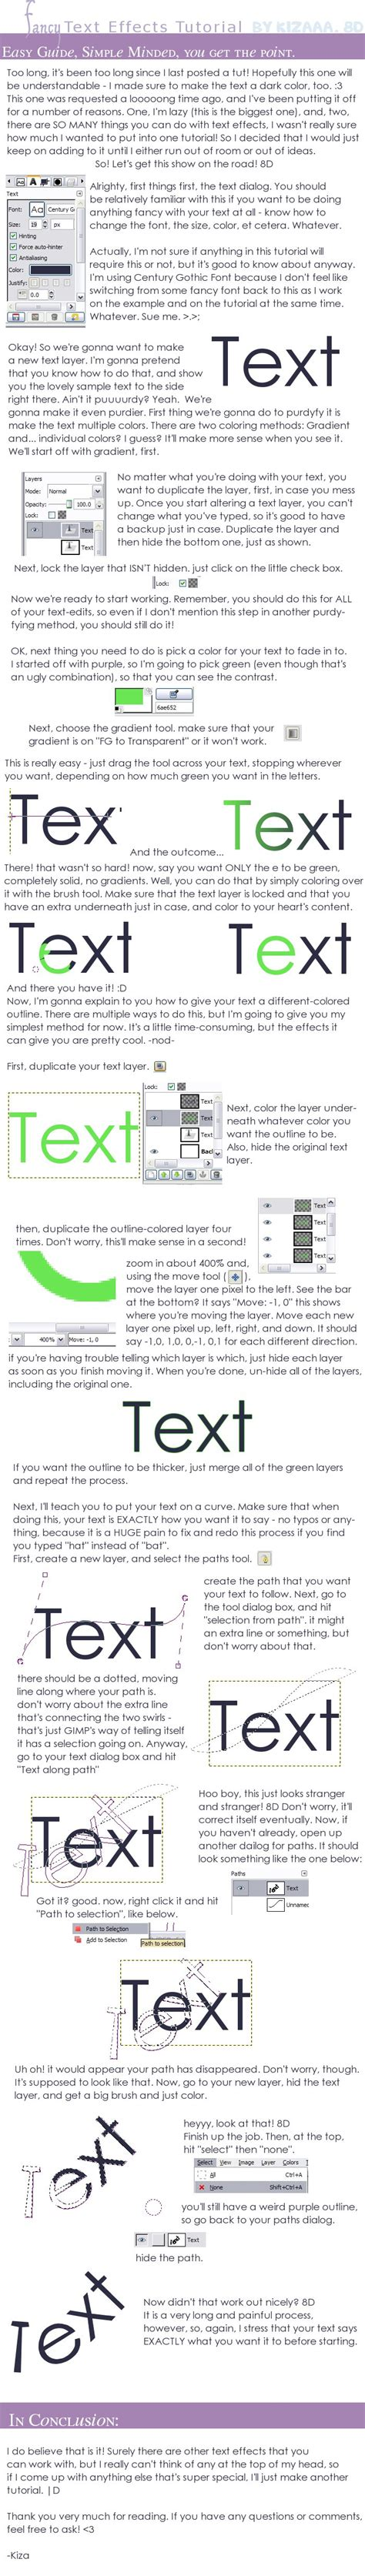 newsprint effect basics gimp by tgfcoder on deviantart gimp tutorial text effects by kiza san on deviantart